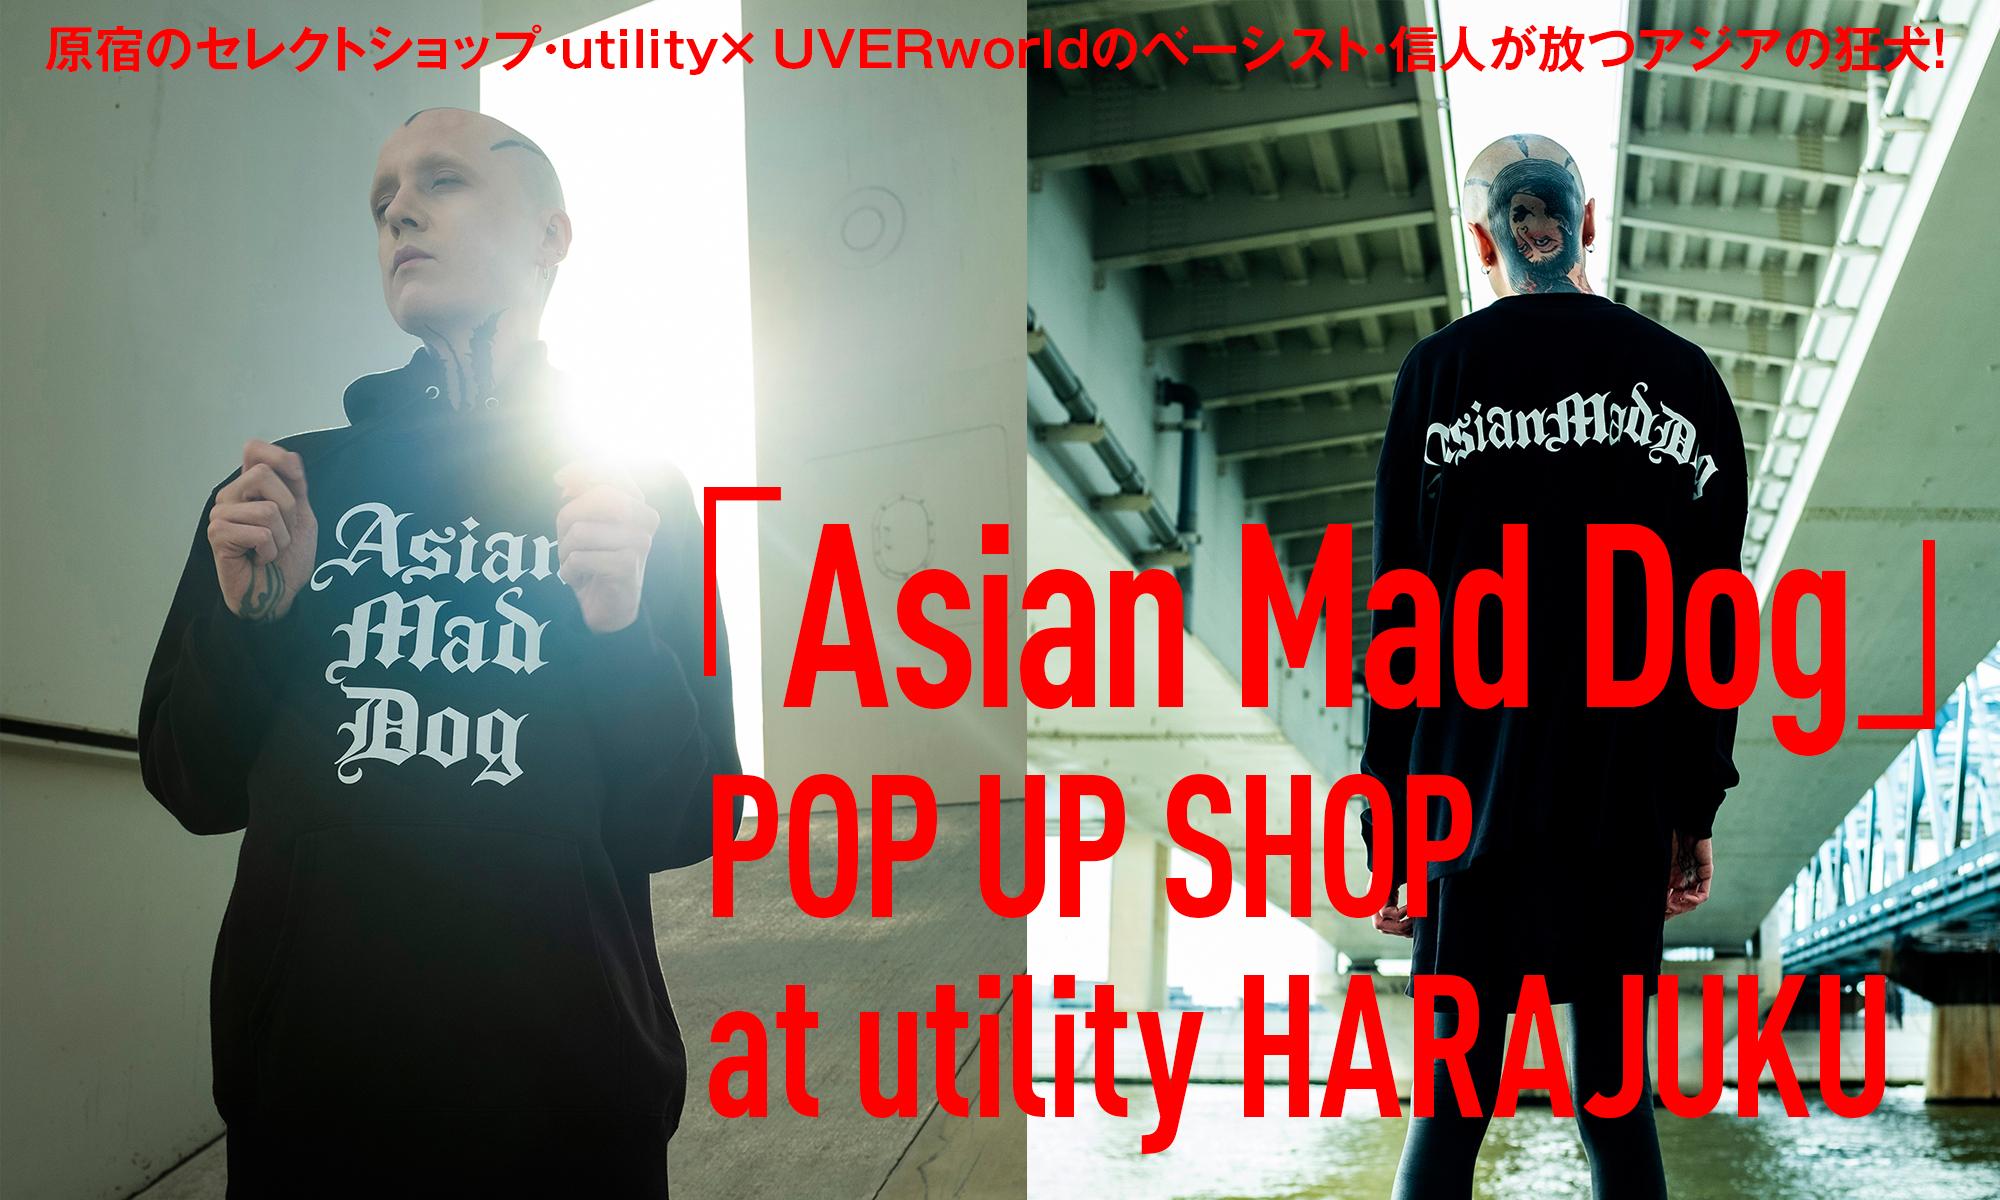 原宿のセレクトショップ・utility× UVERworldのベーシスト・信人が放つアジアの狂犬! 「Asian Mad Dog」POP UP SHOP at utility HARAJUKU